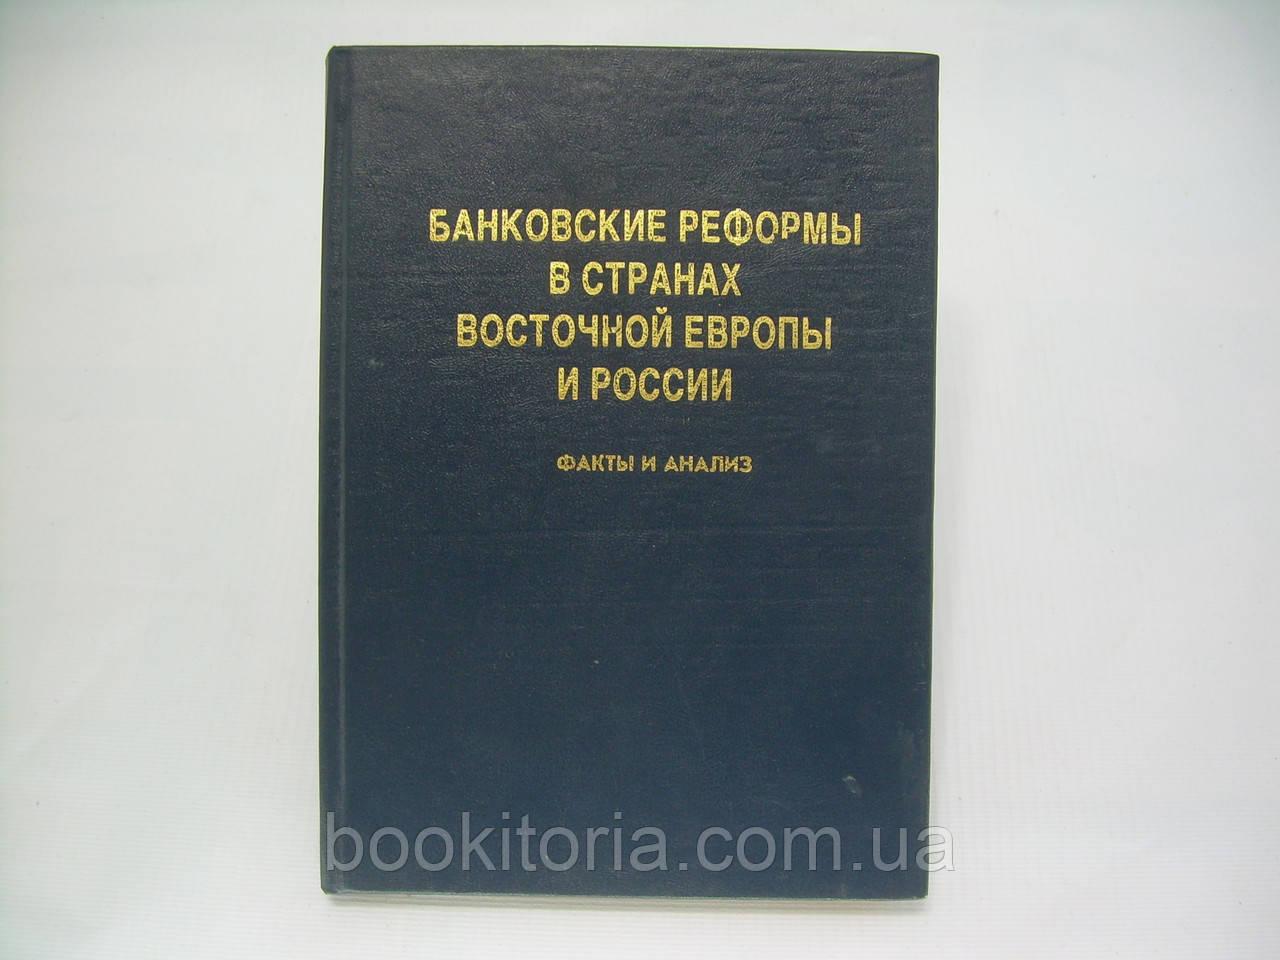 Банковские реформы в странах восточной Европы и России. Факты и анализ (б/у).